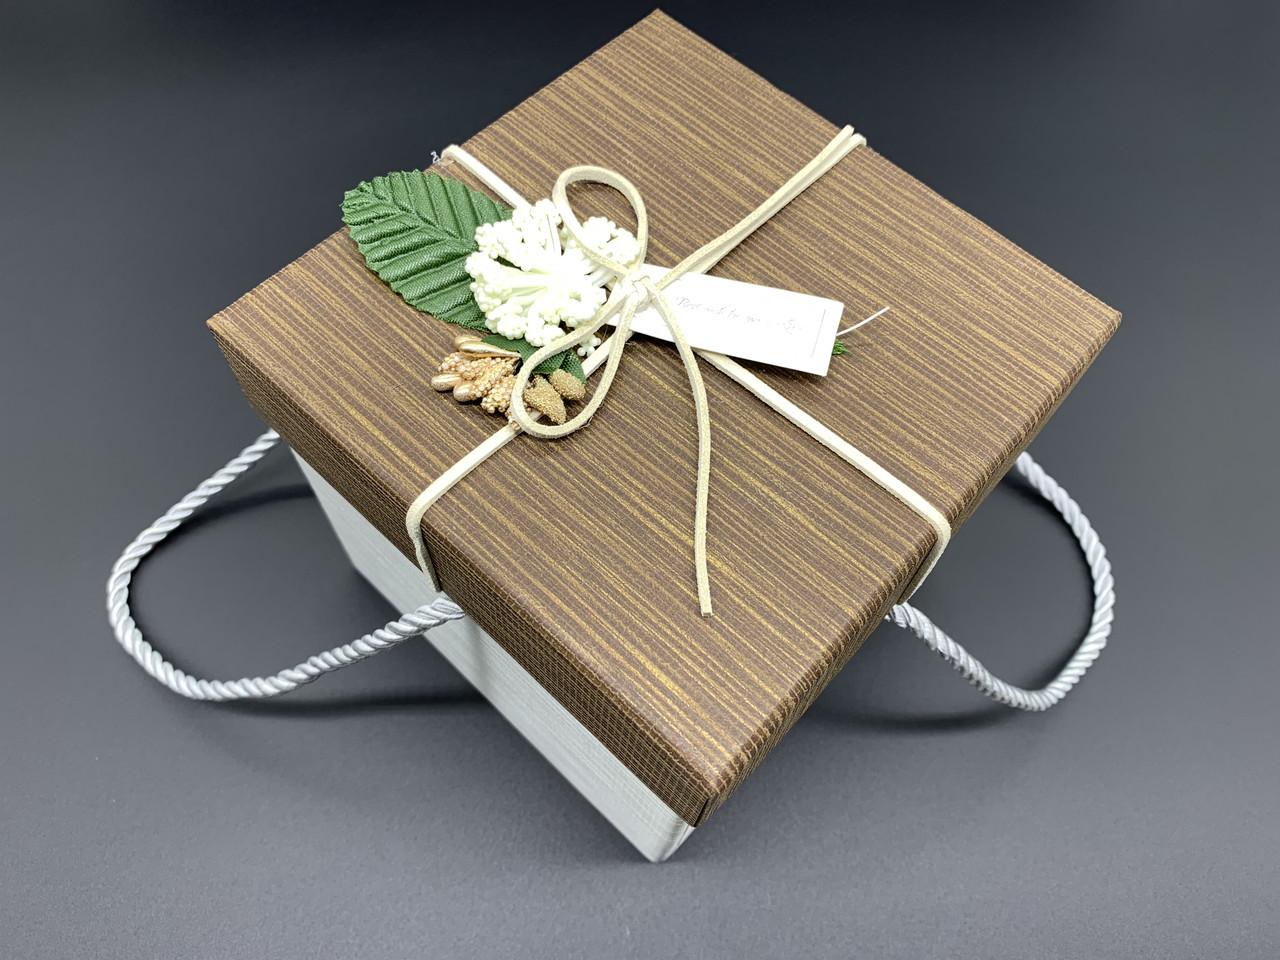 Коробка подарочная с цветочком и ручками. Цвет коричневый. 13х13х13см.